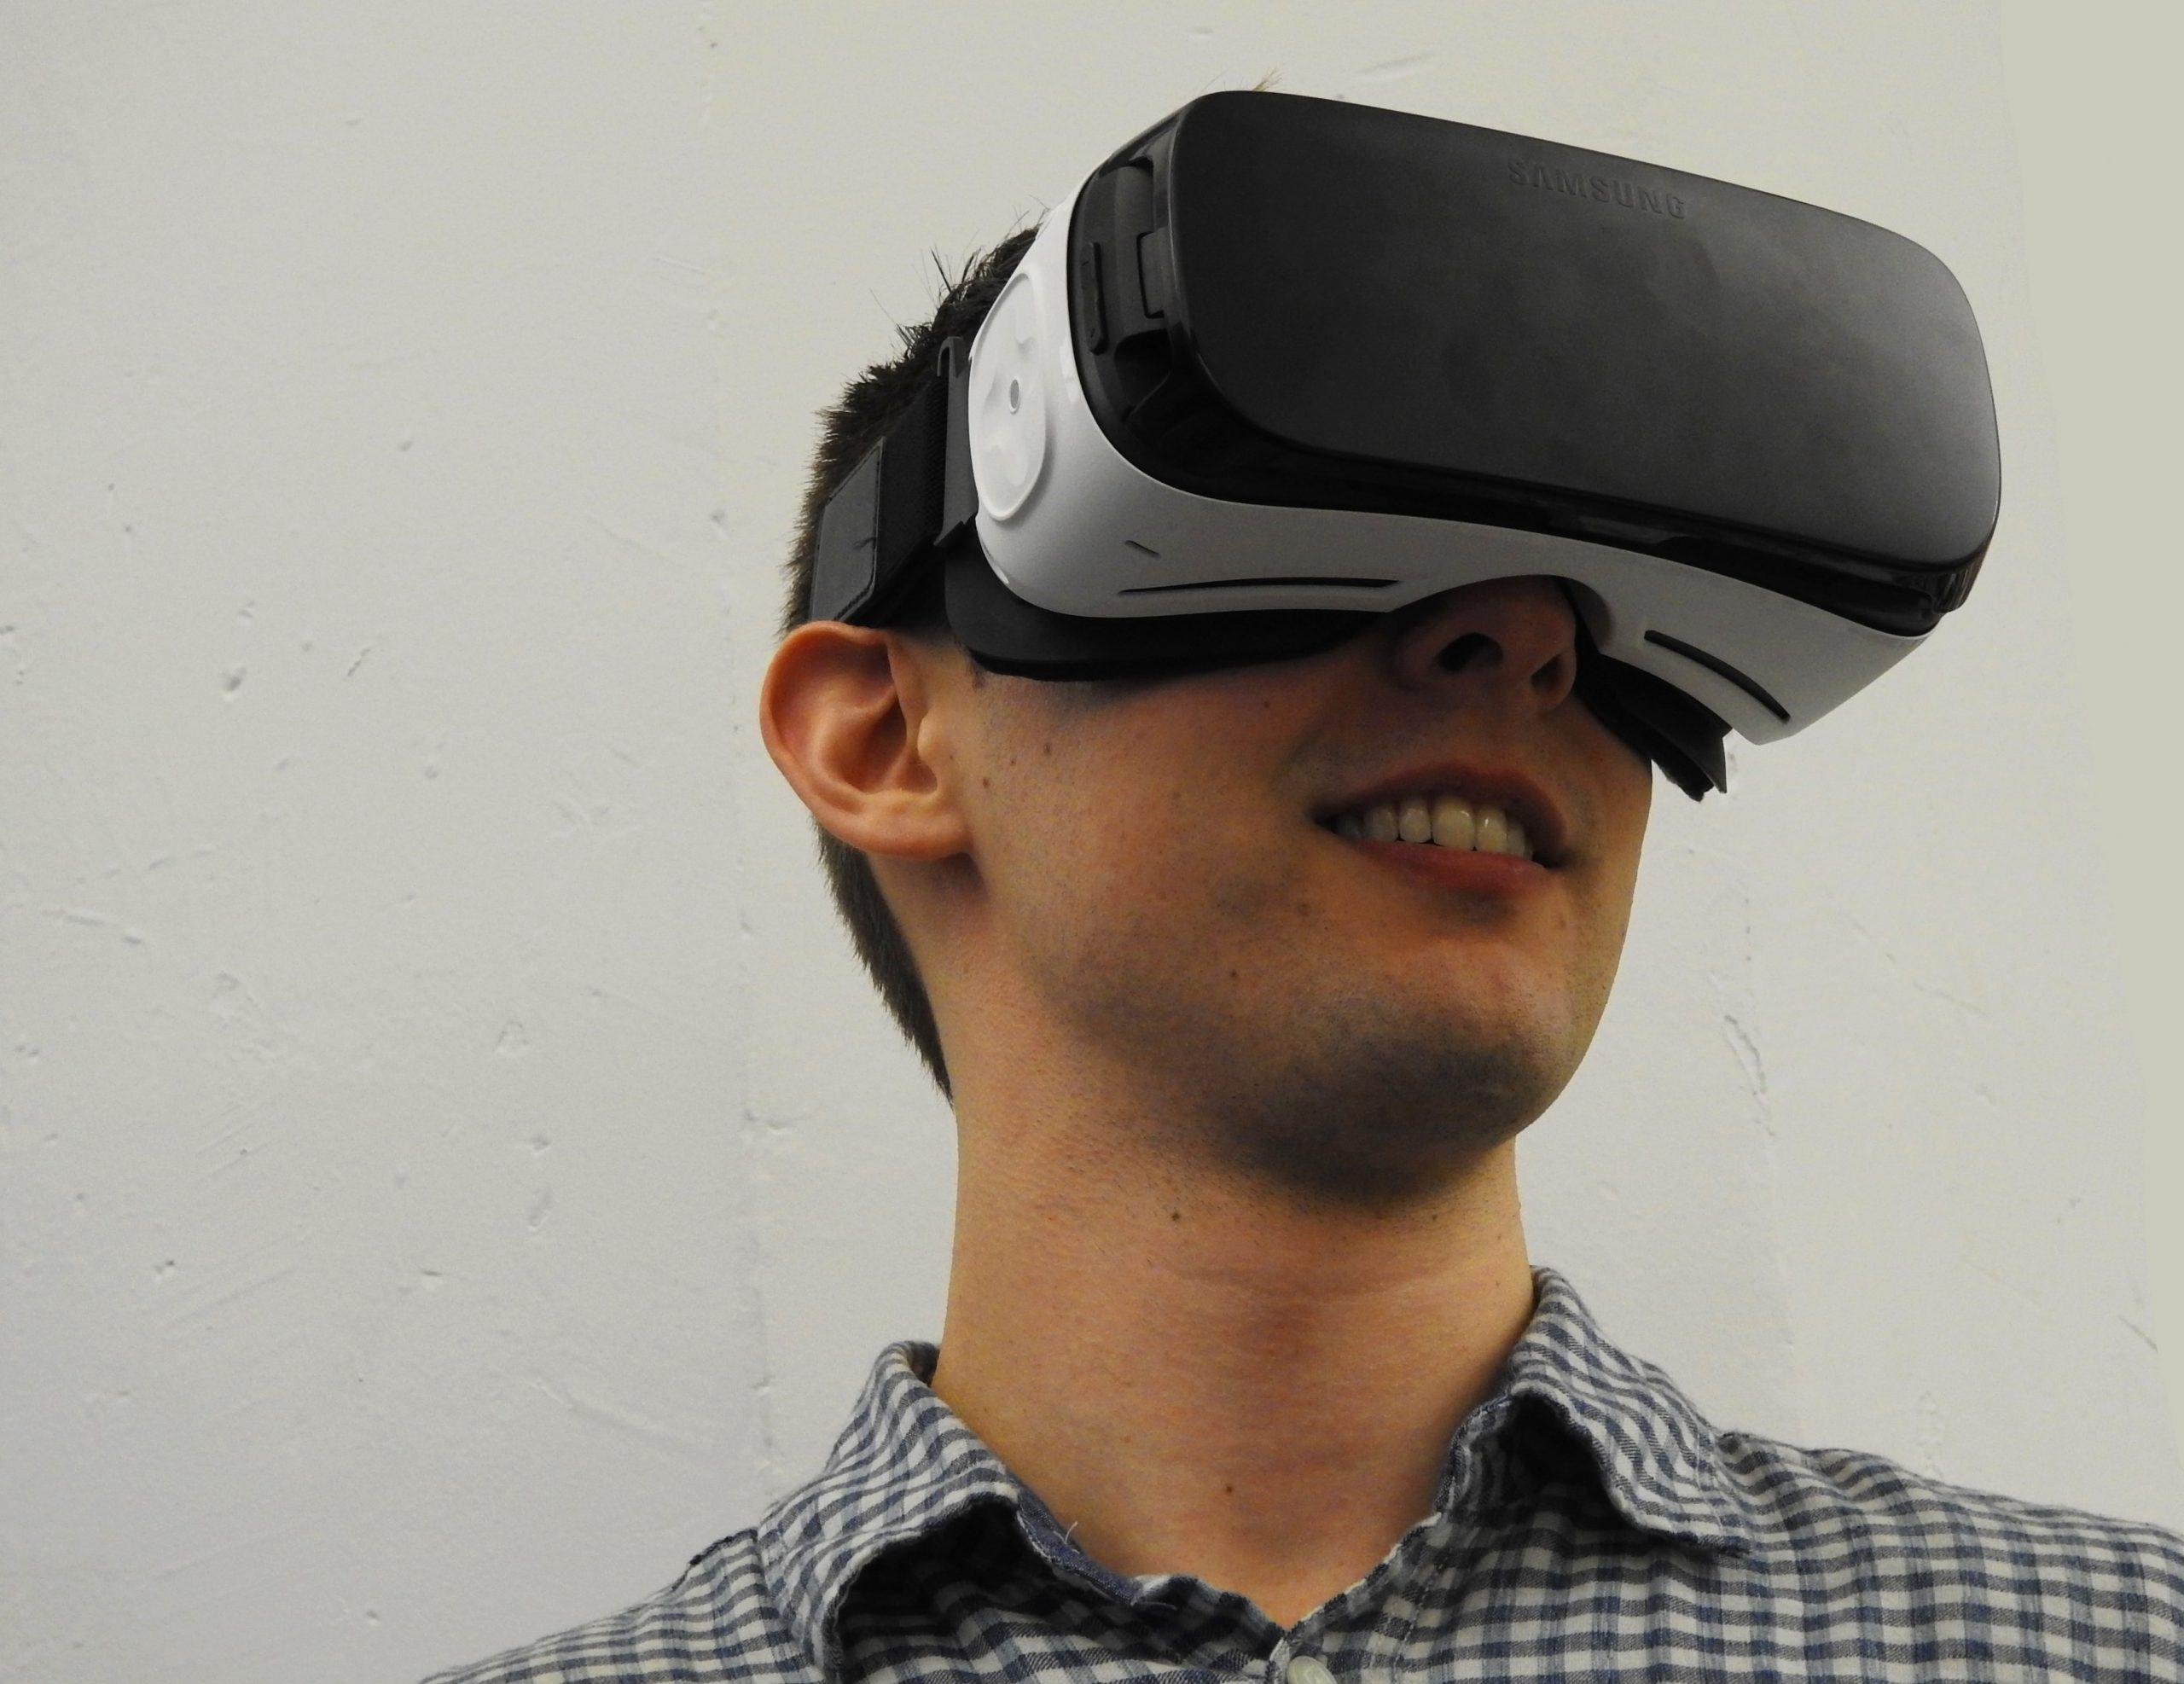 PlayStation Move es uno de los accesorios adicionales para mejorar la experiencia de realidad virtual en tus juegos. (Fuente: Cottonbro: 3945690/ Pexels.com)